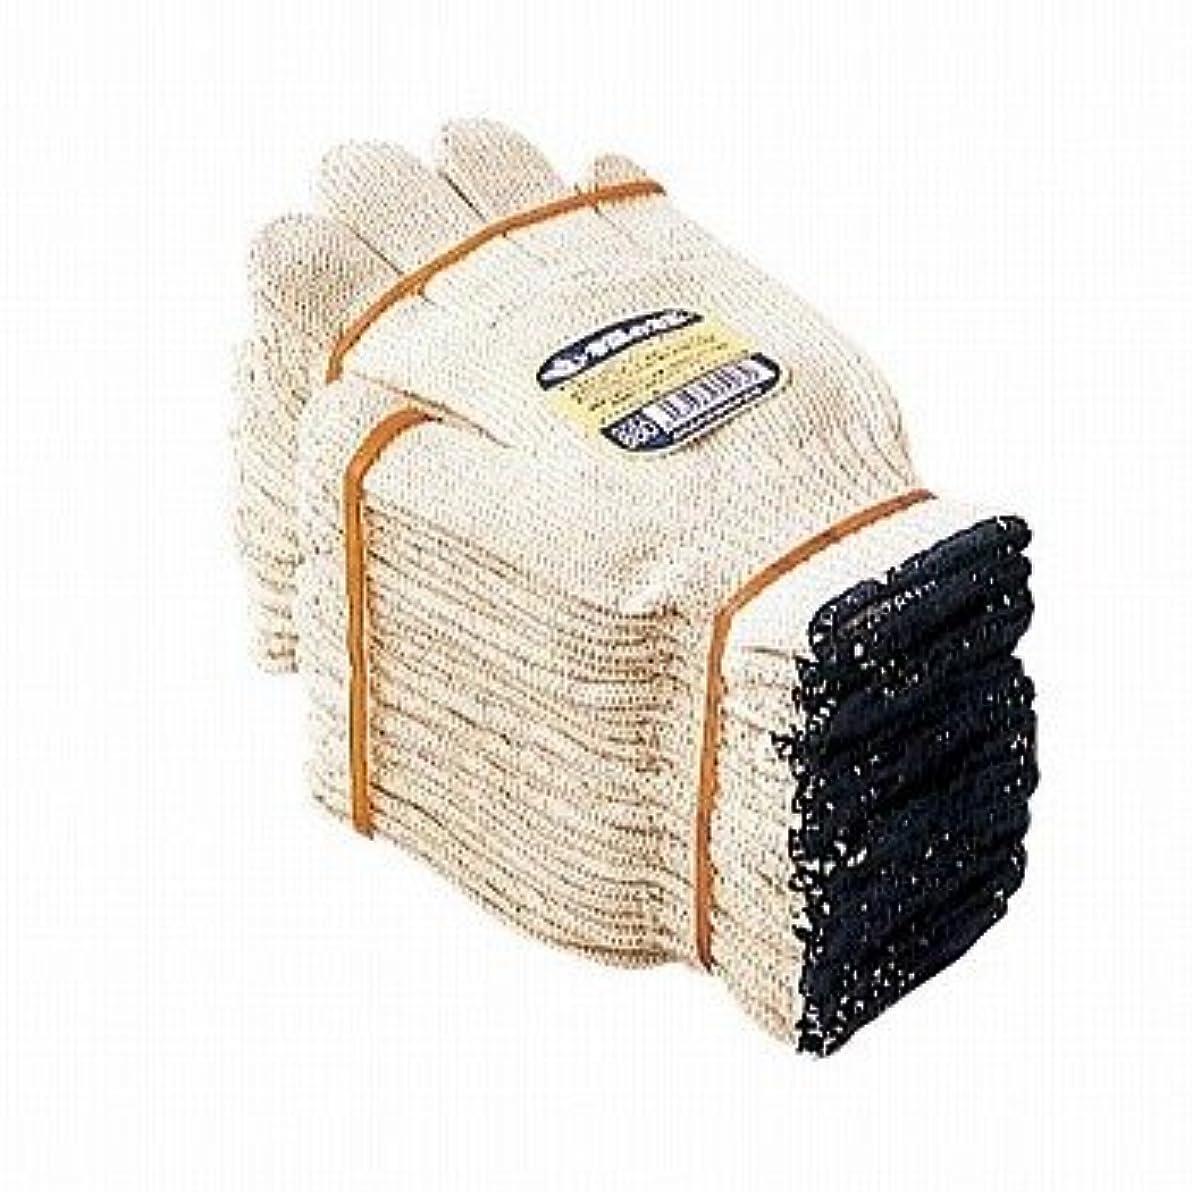 動力学ジャンク地震おたふく手袋/混紡軍手 福の花12双入×60セット[総数720双]/品番:660